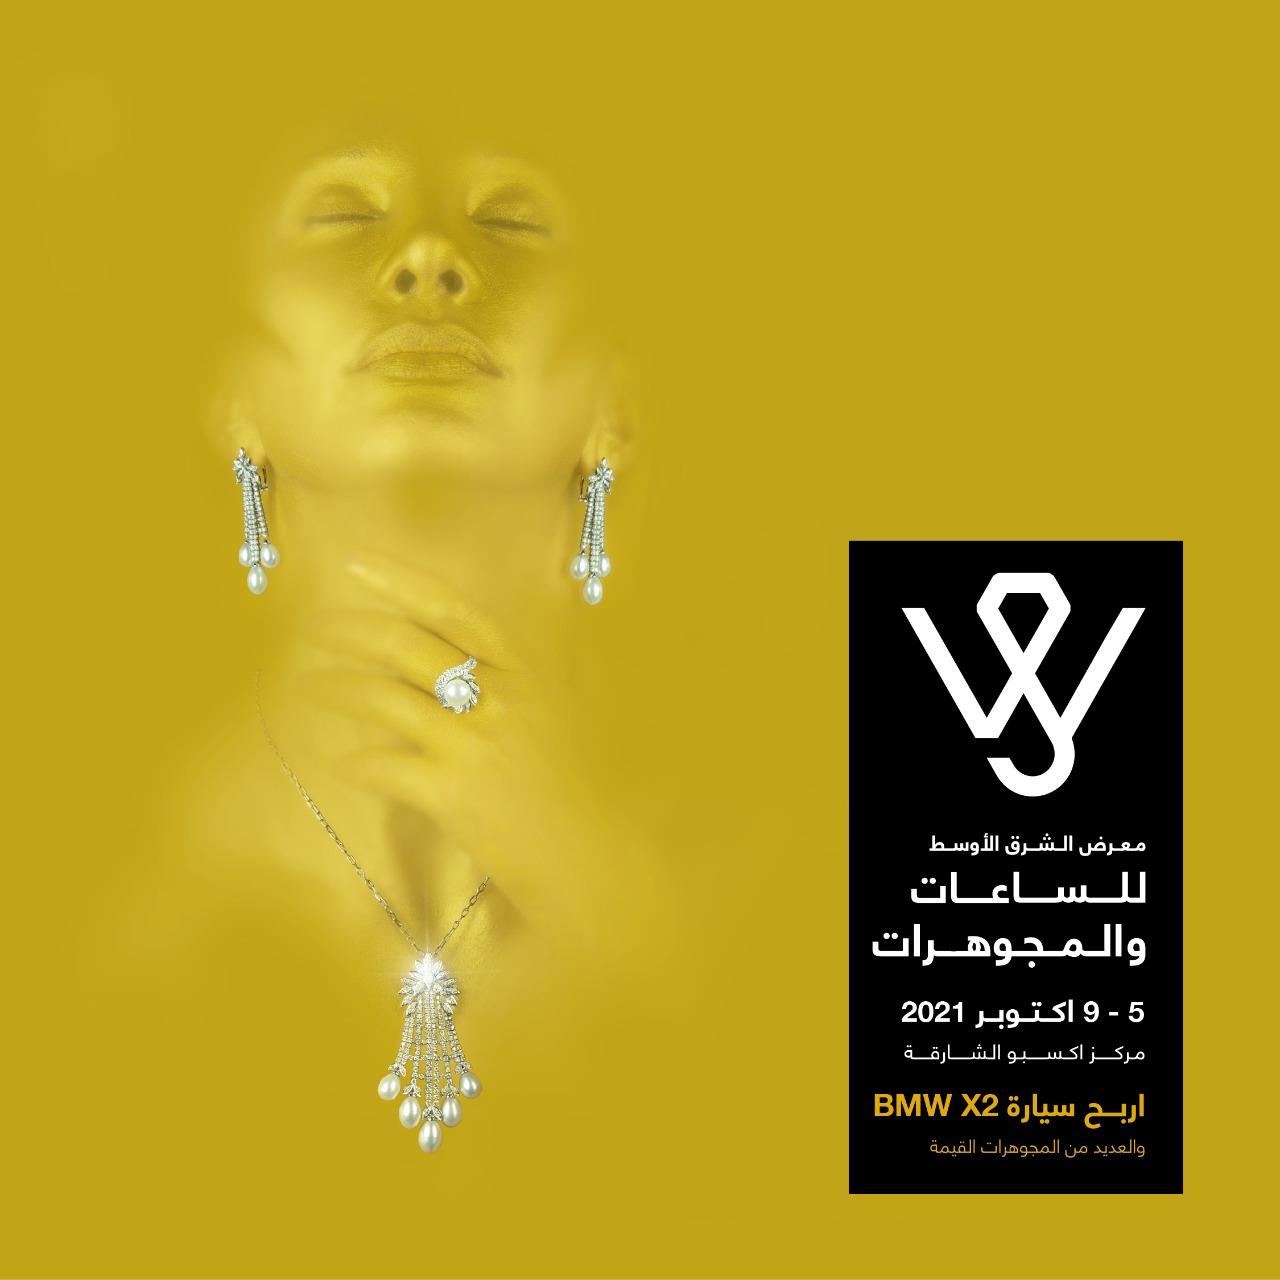 4- معرض الشرق الأوسط للساعات والمجوهرات